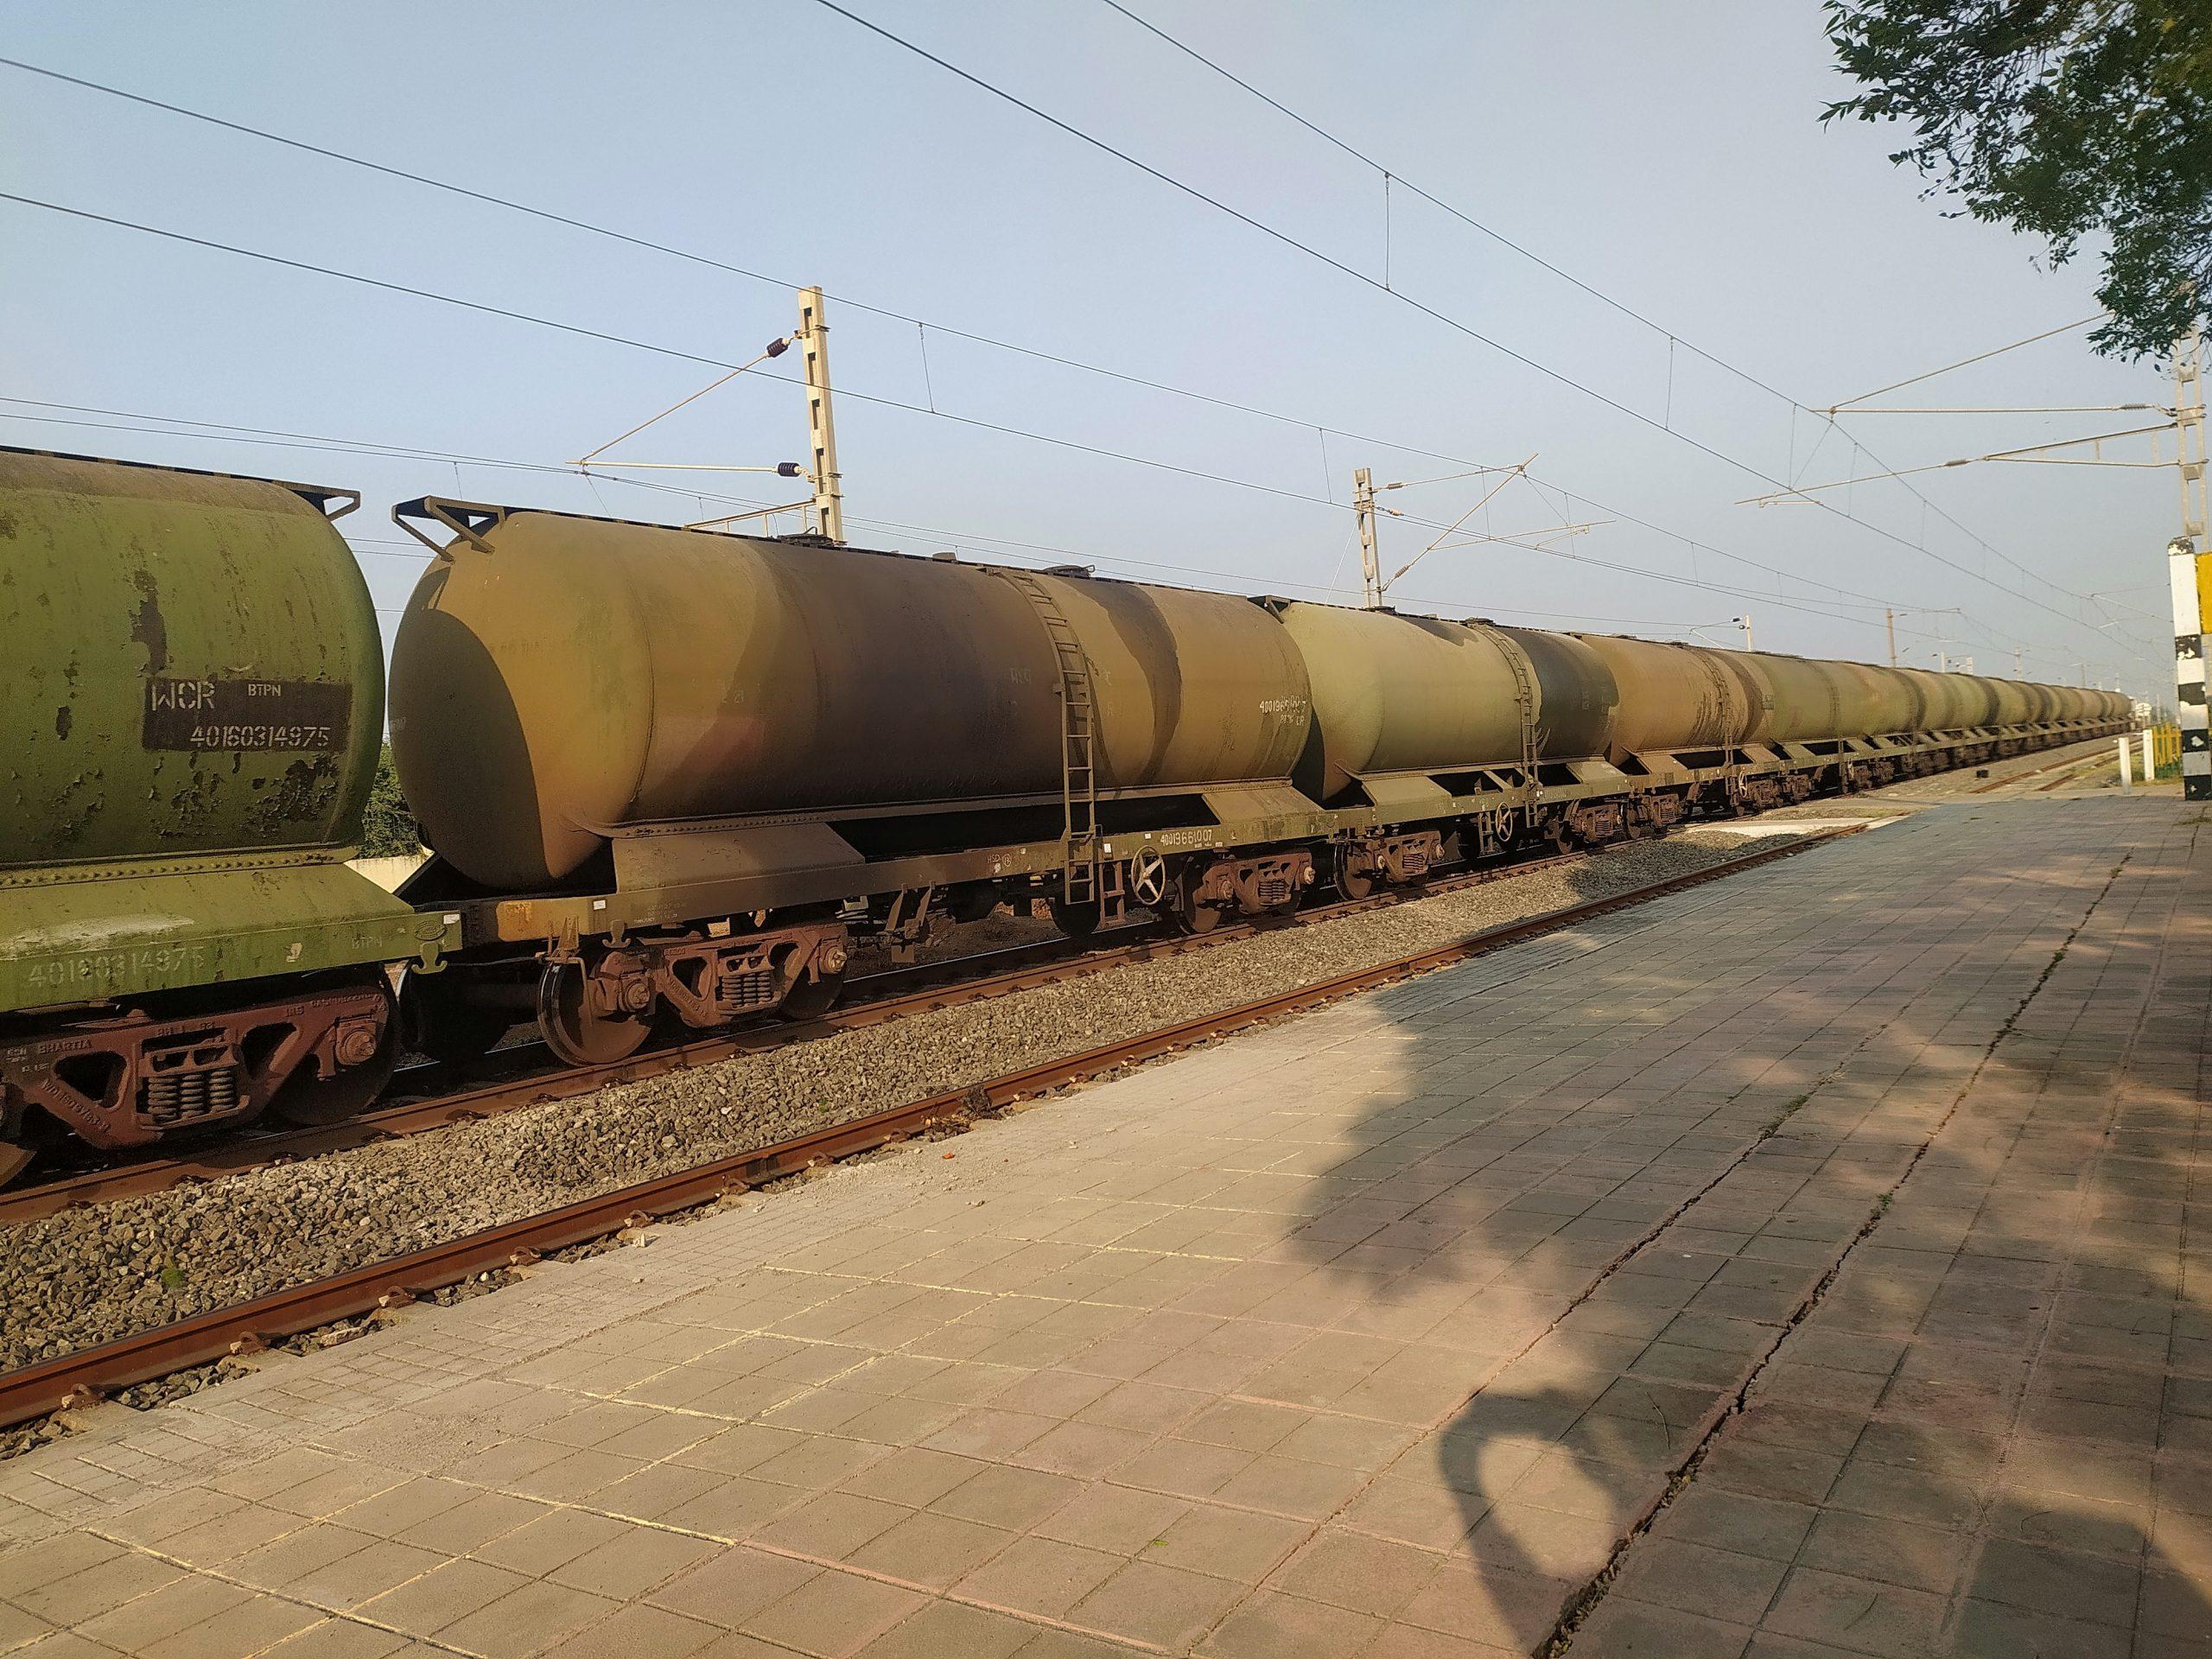 A good train